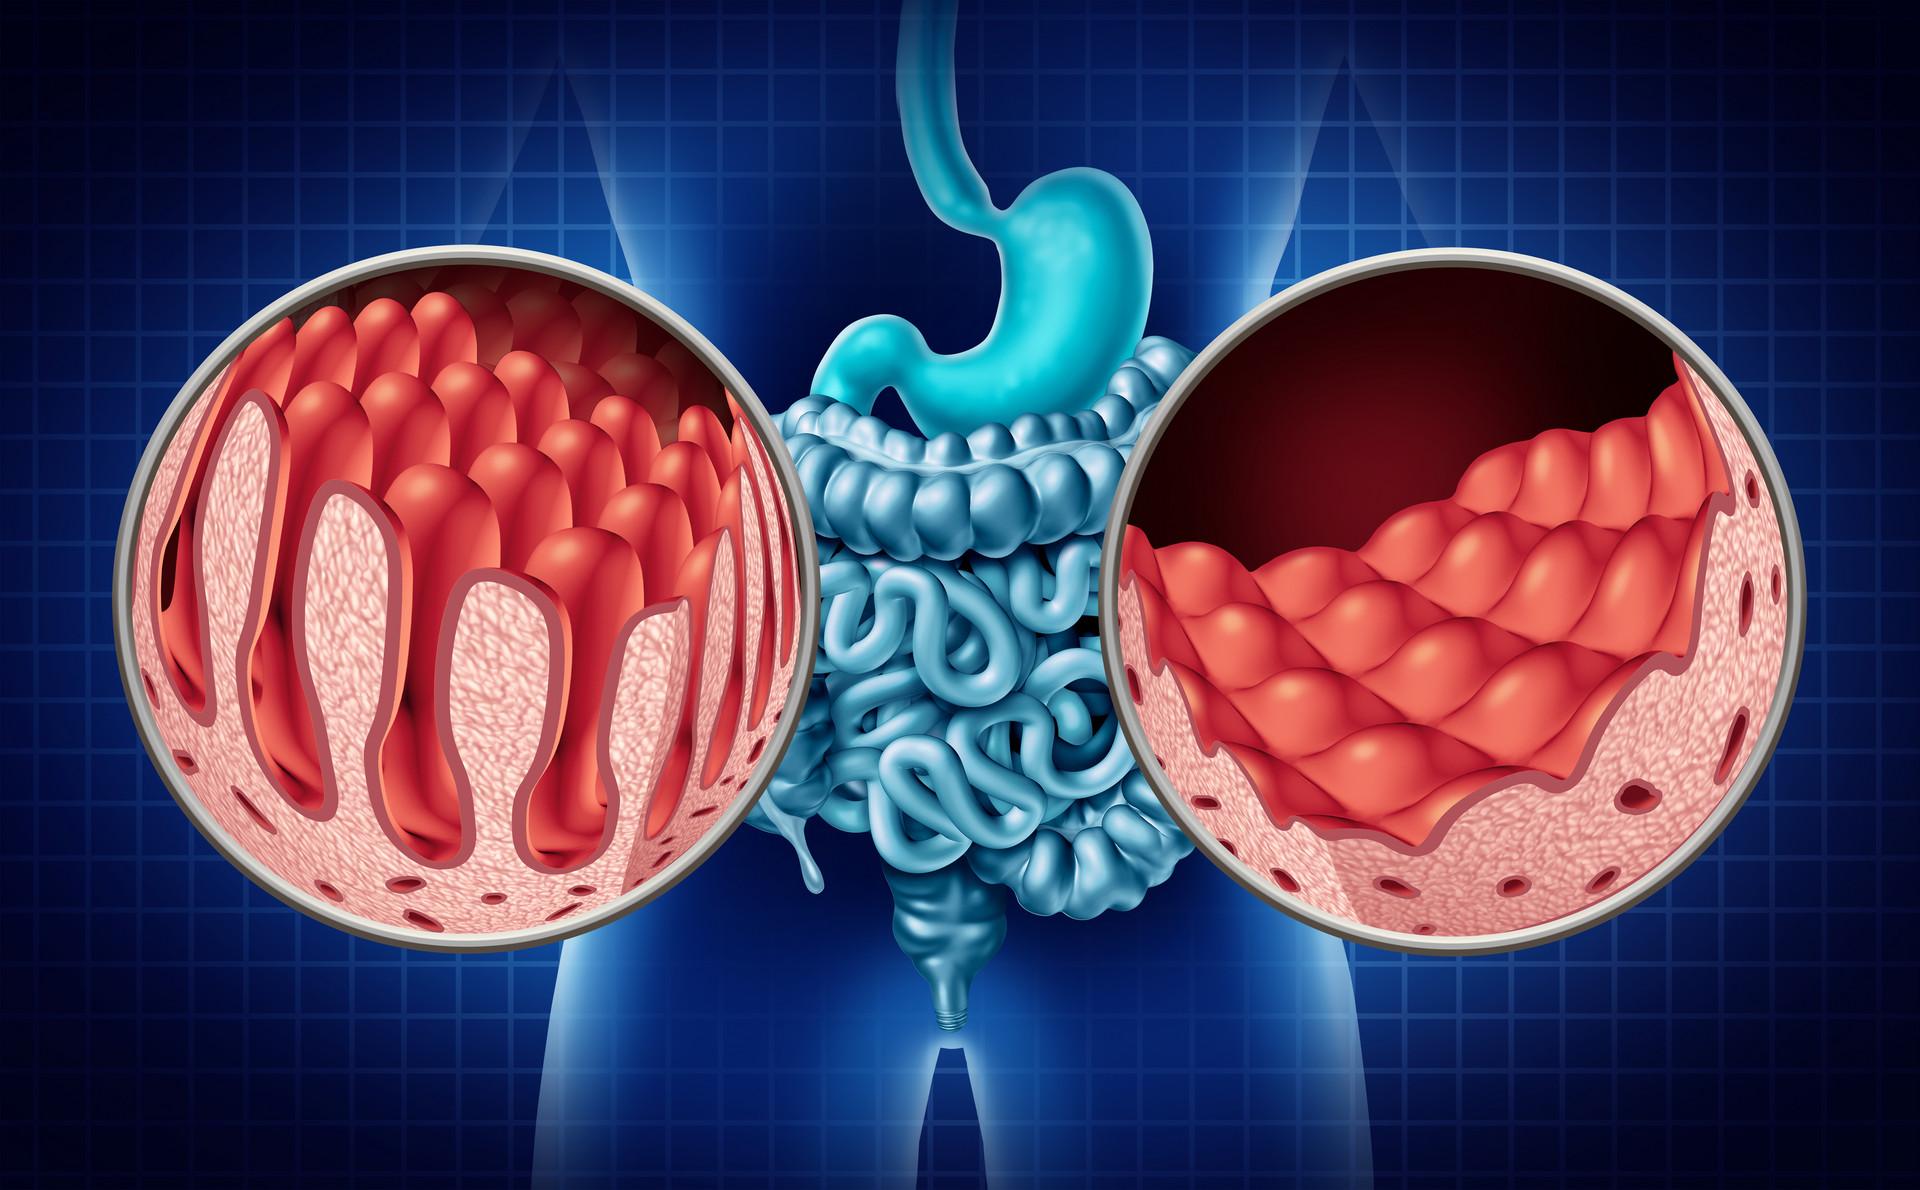 基石药业再传喜讯!精准治疗药物泰吉华®获批上市,中国胃肠道间质瘤患者迎来新疗法